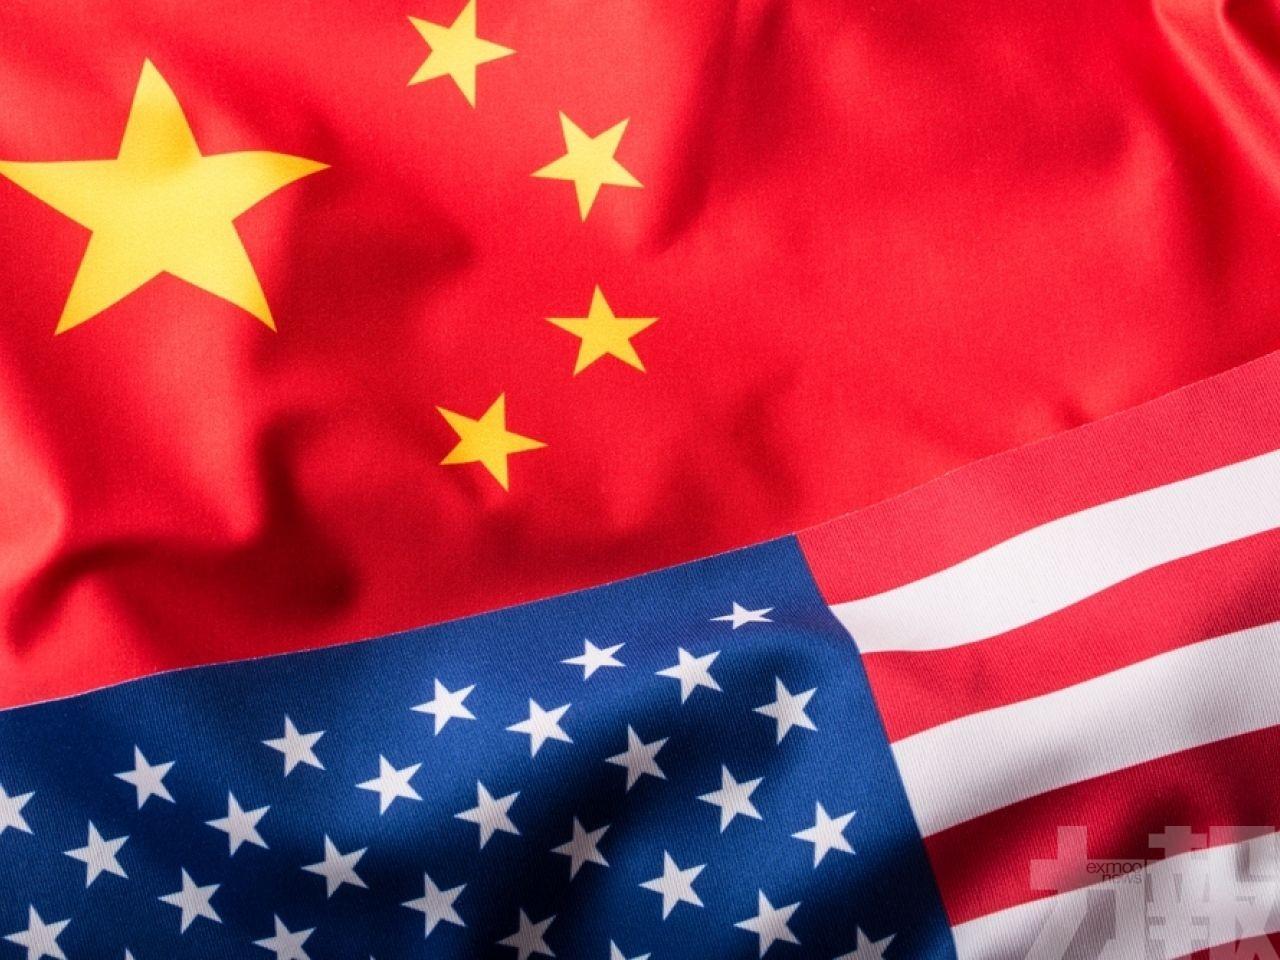 彭斯擬下周發表對華政策演講